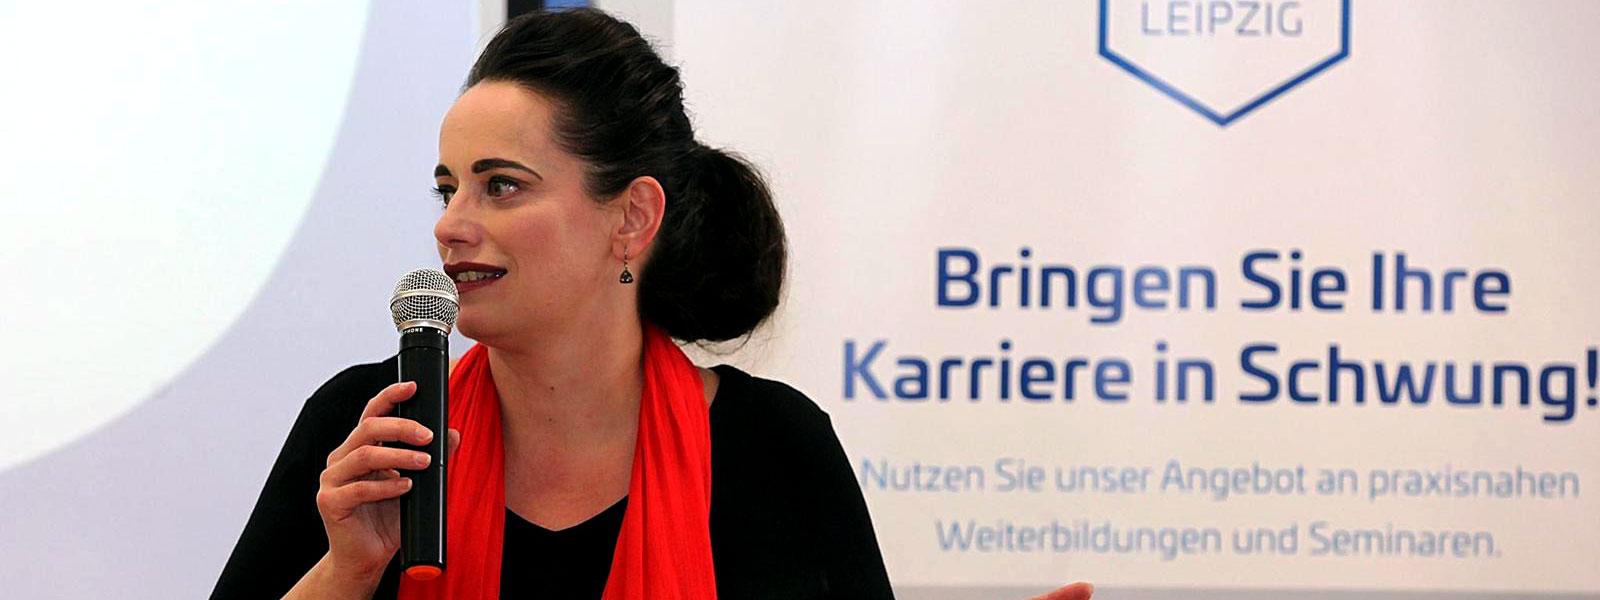 TEAMBRENNER Lichtblicke Interview Sharichin Maria